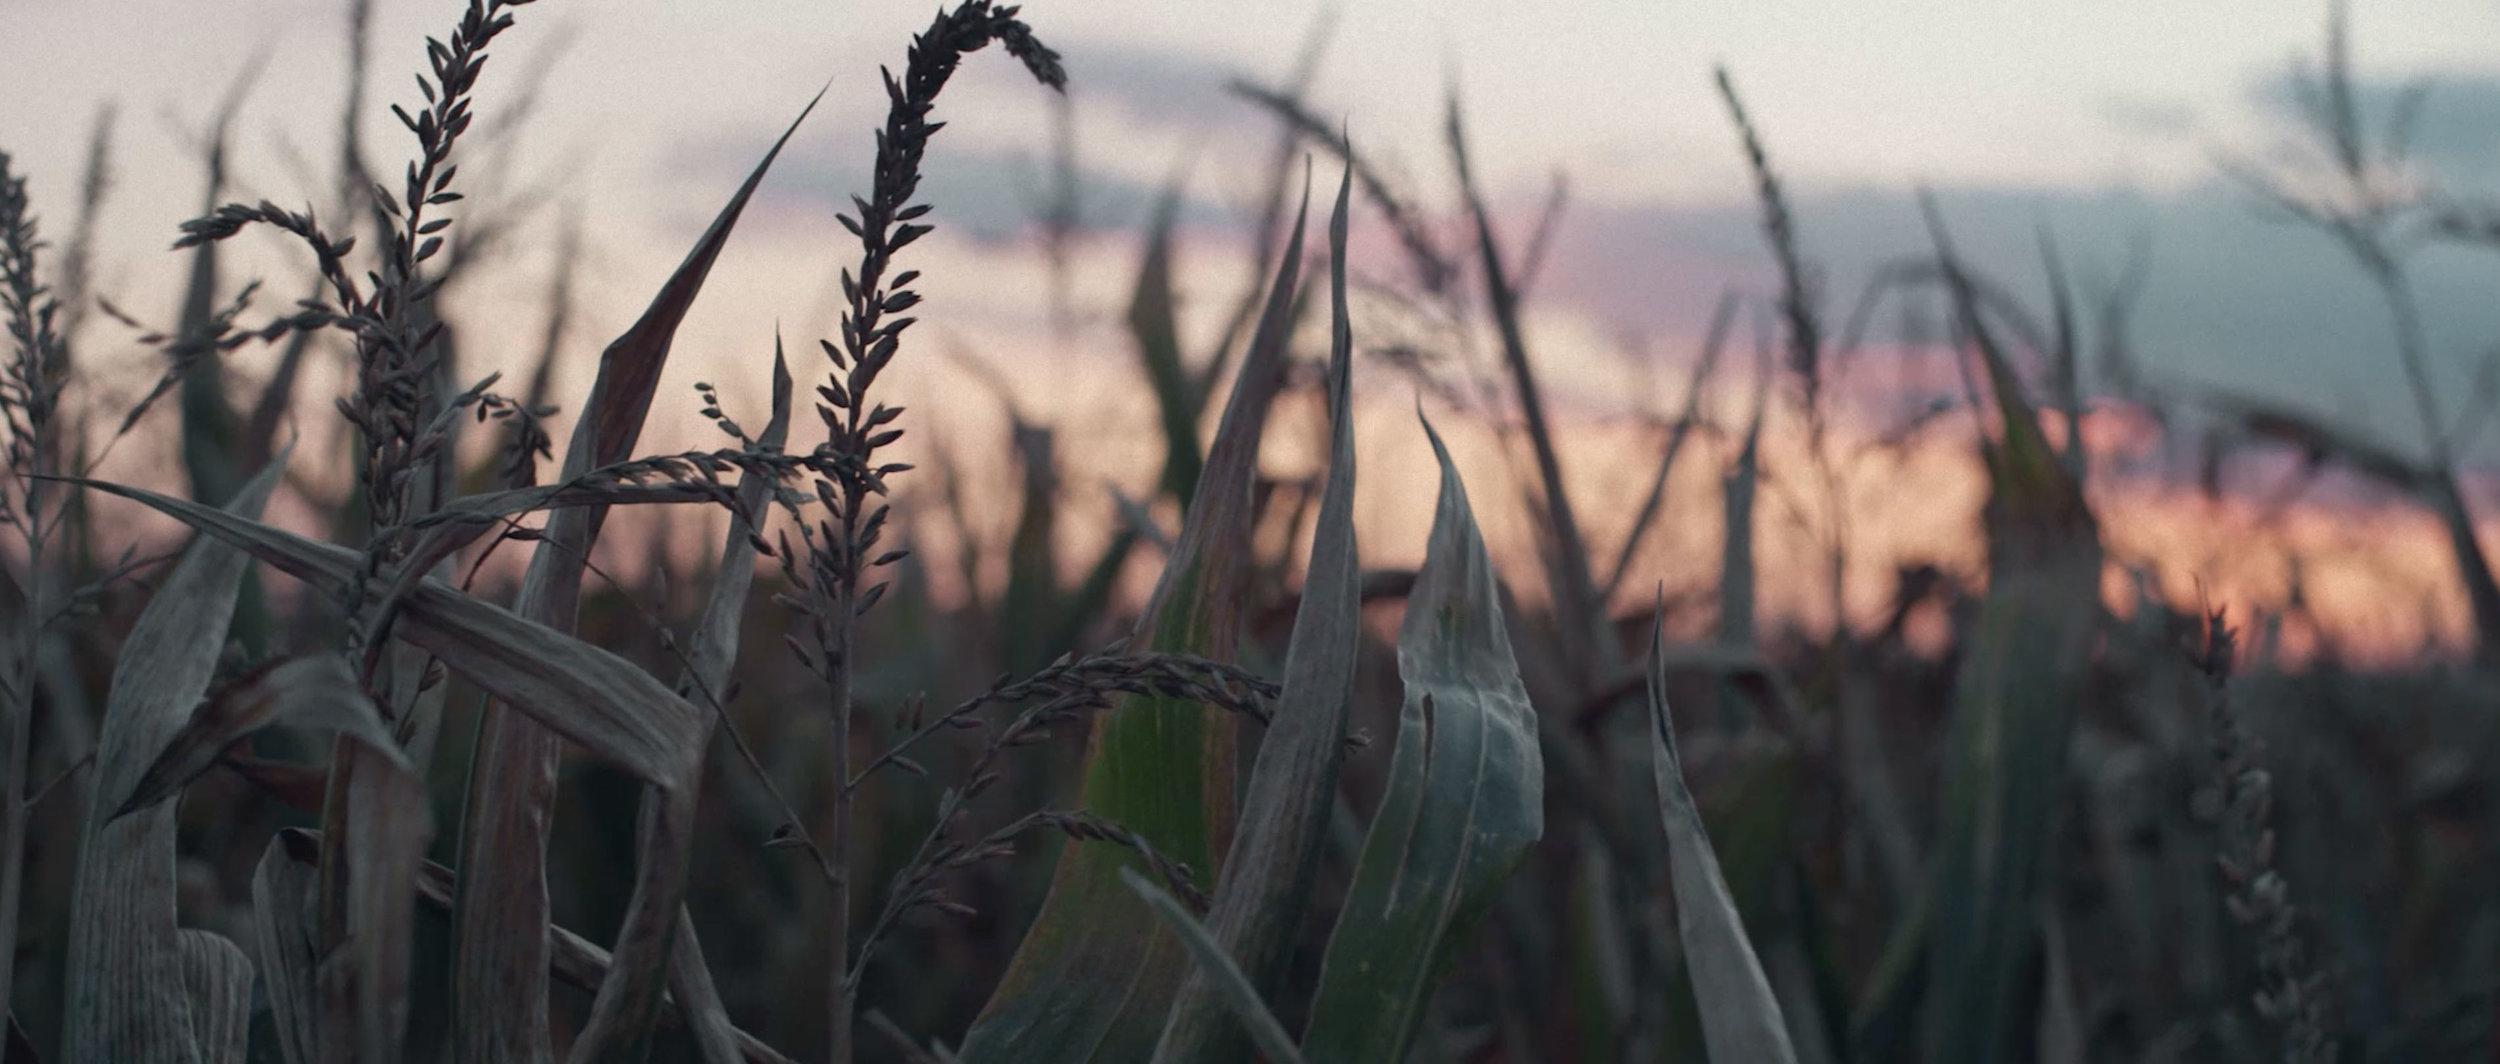 DLG-Ready-Landwirtschaft-Prüfung-Sicherheit-Digital-Technik-Traktor_03.jpg